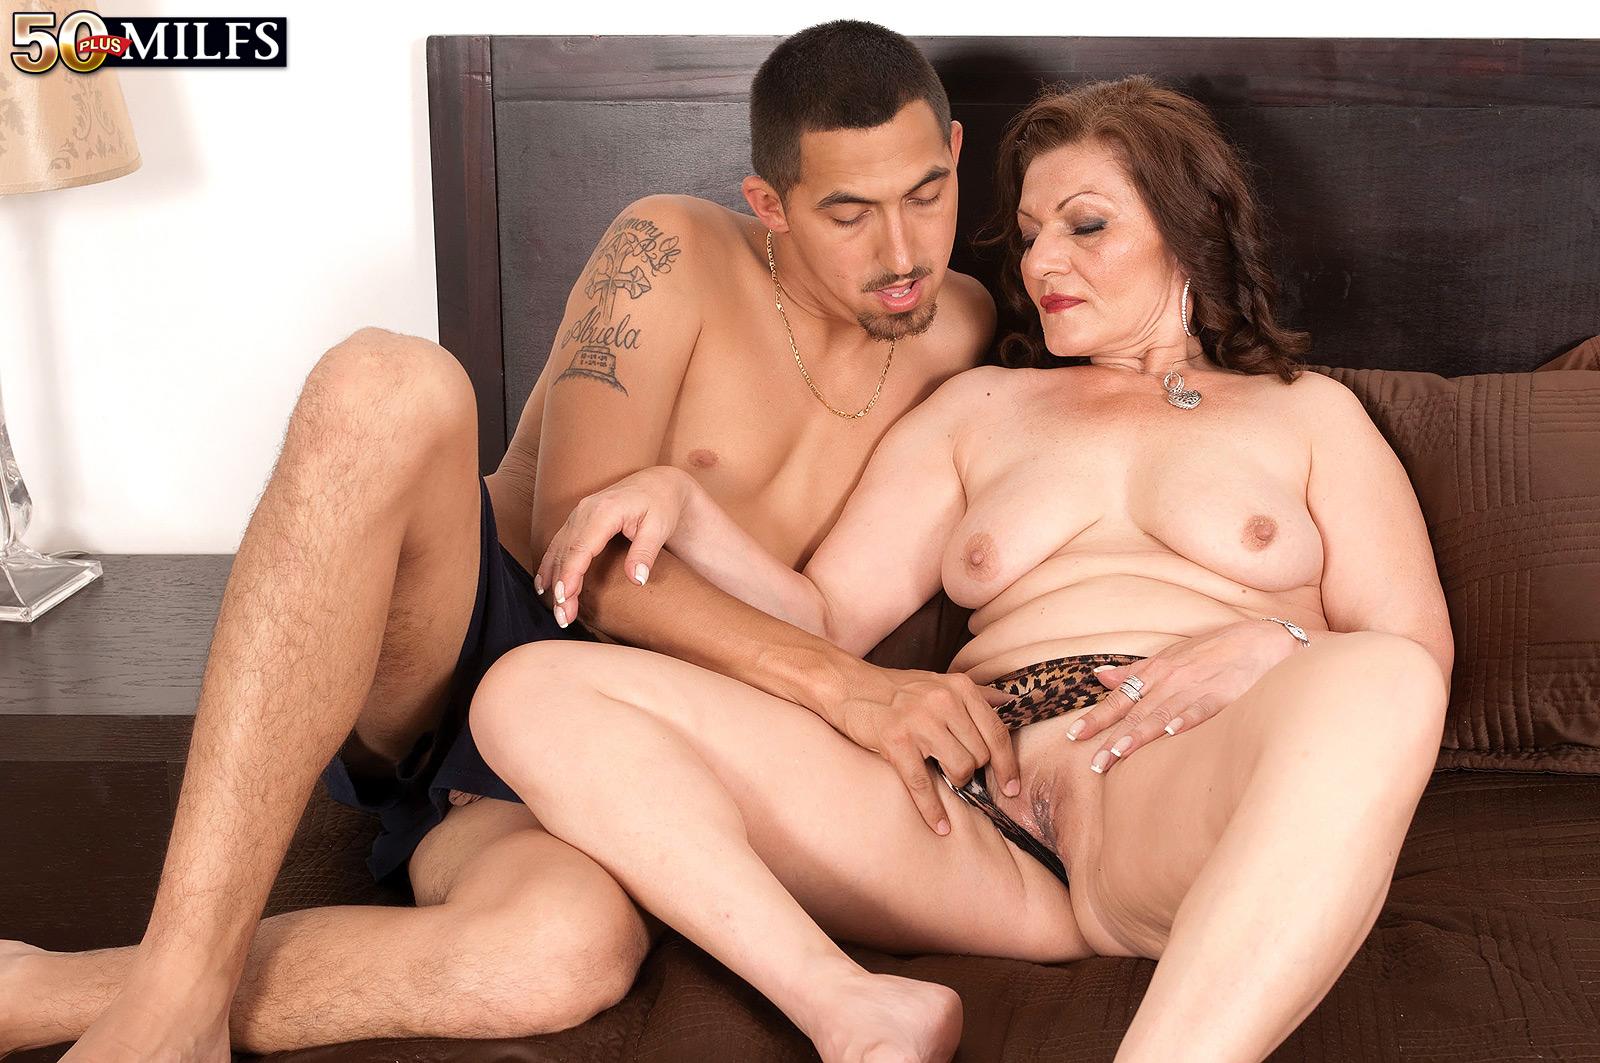 Секс с женой за 50 фото 26 фотография